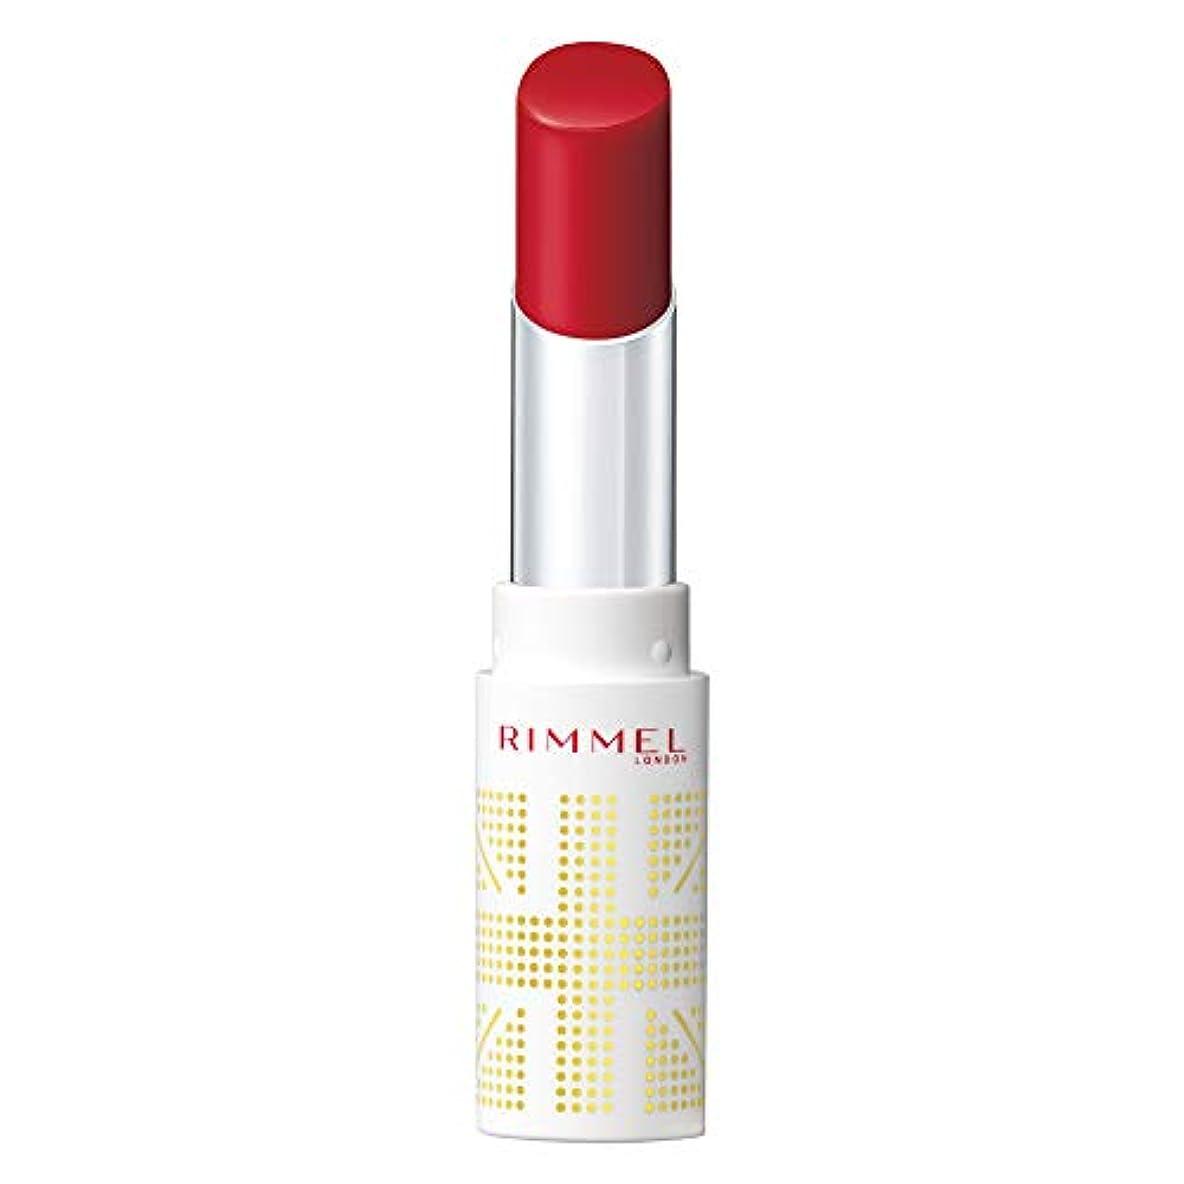 投資貨物説得Rimmel (リンメル) リンメル ラスティングフィニッシュ オイルティントリップ 003 クラシカルレッド 3.8g 口紅